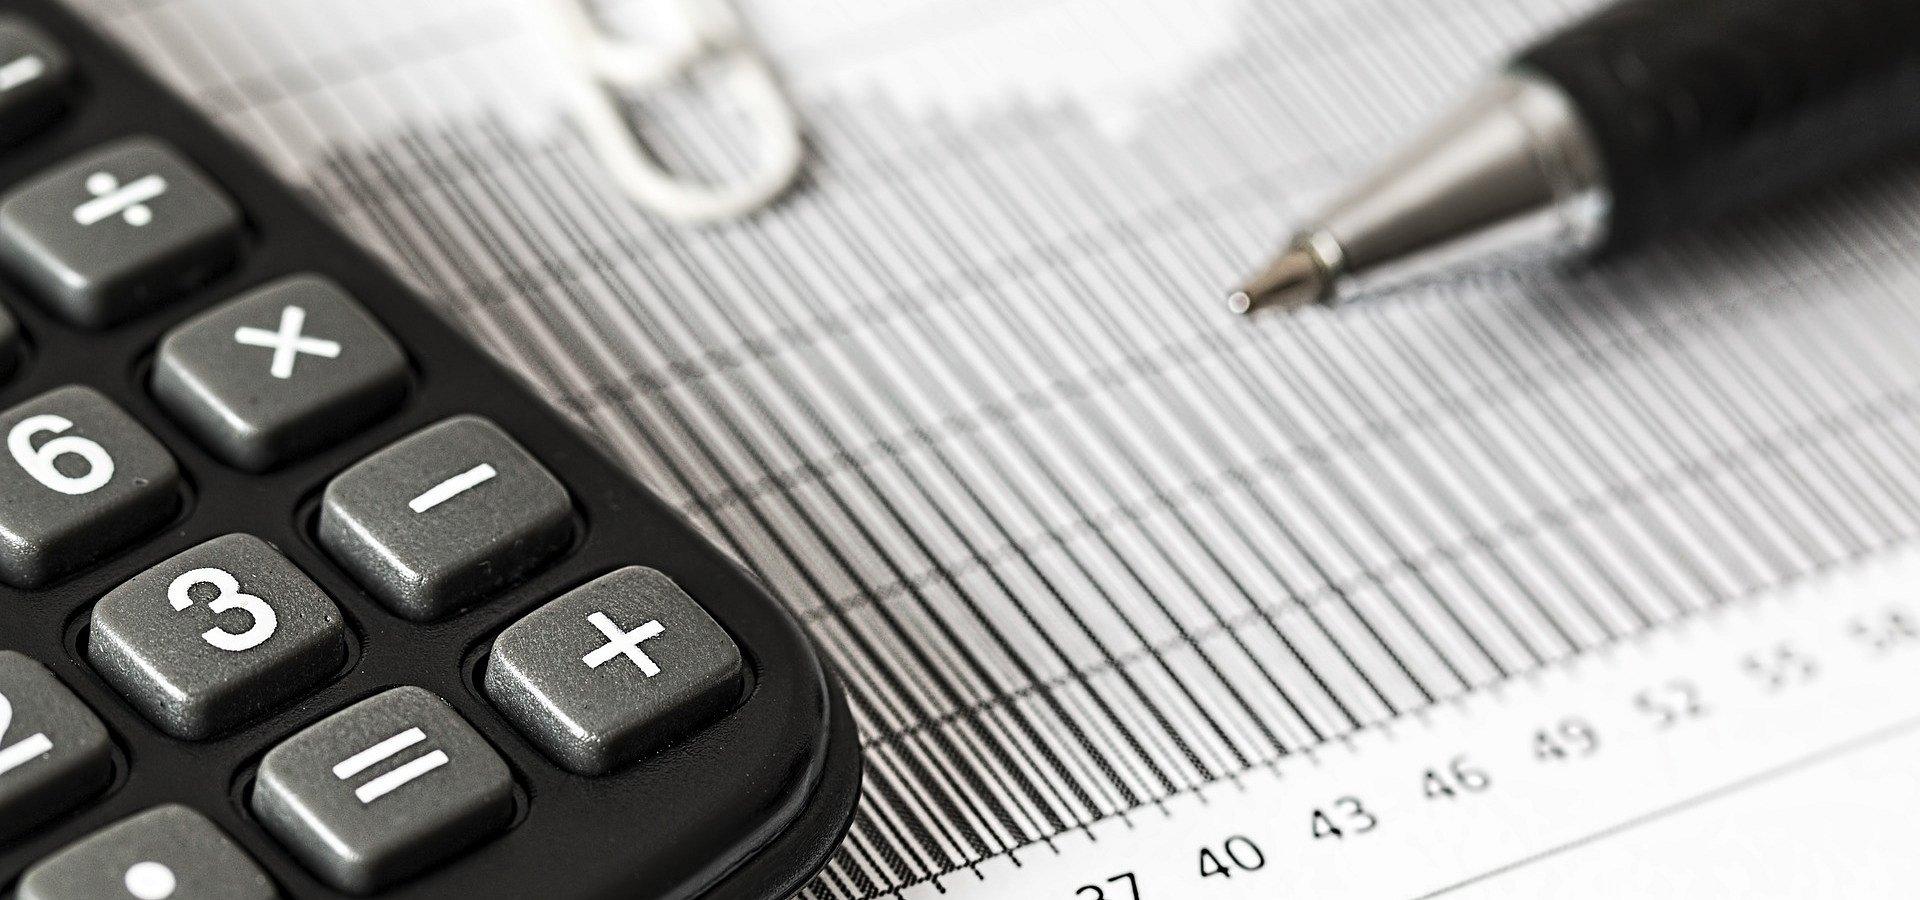 Obowiązek fiskalizowania zaliczek - instrukcja Kamsoft